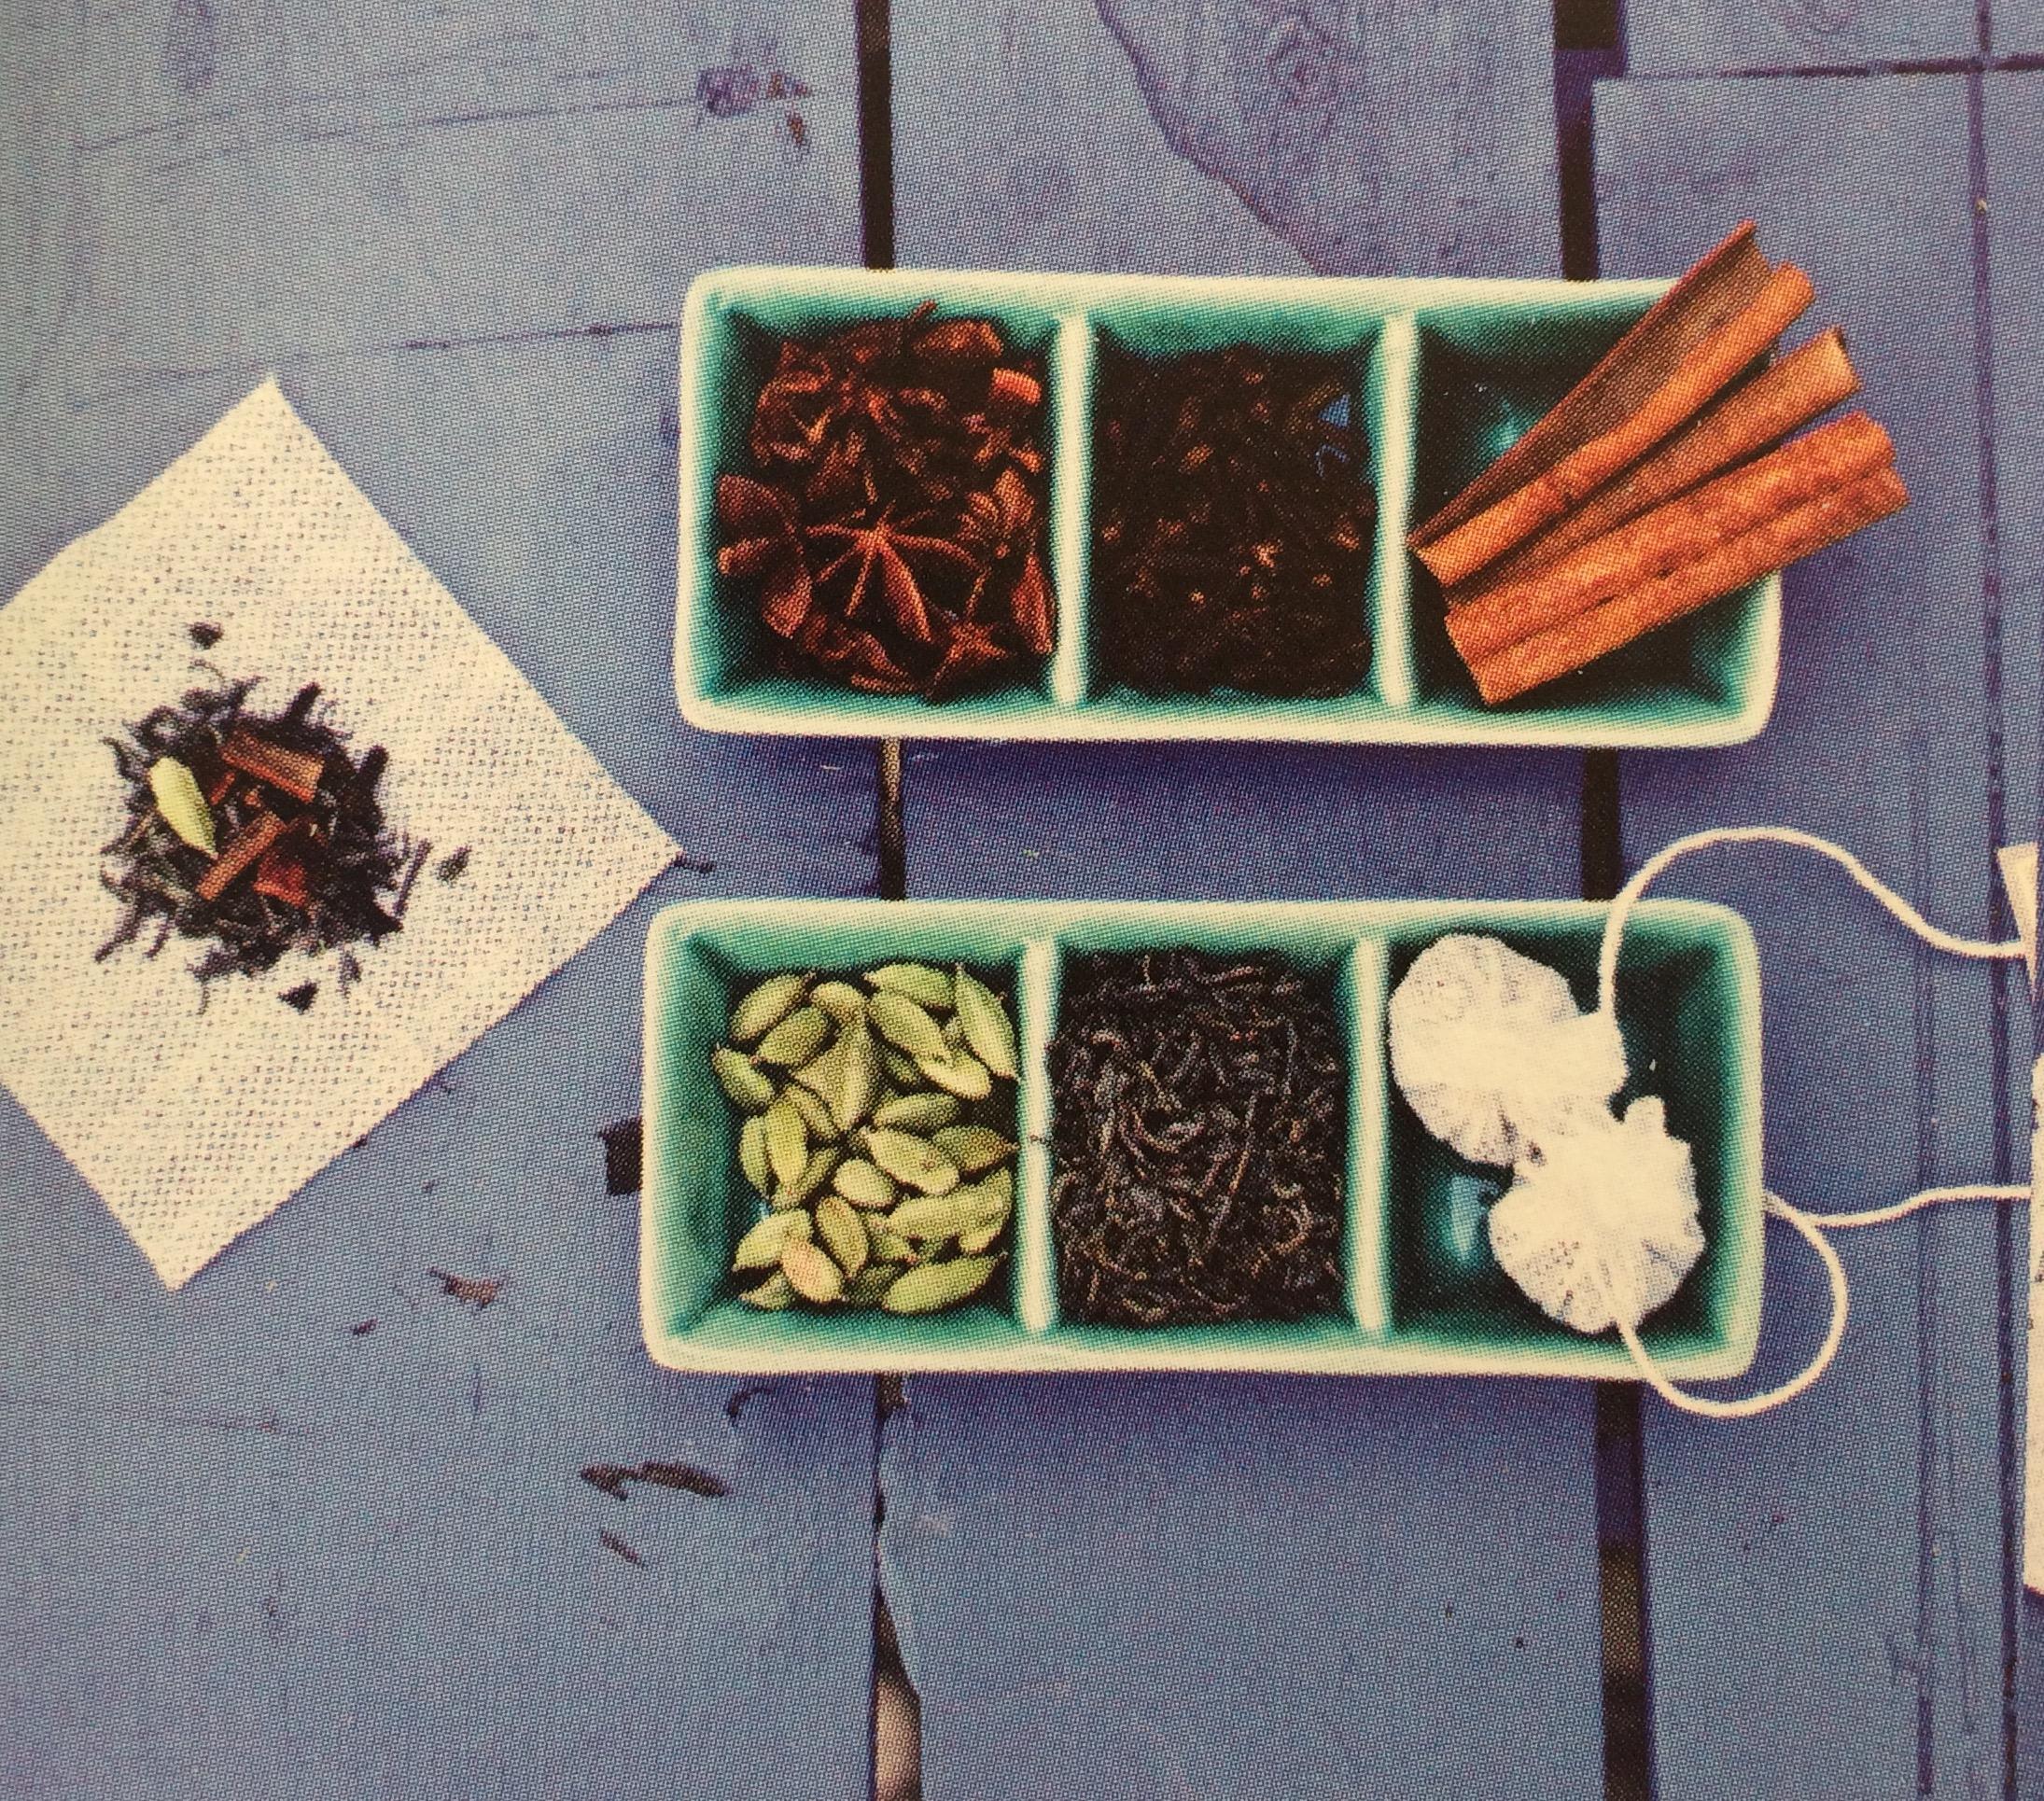 Cómo preparar té masala para regalar